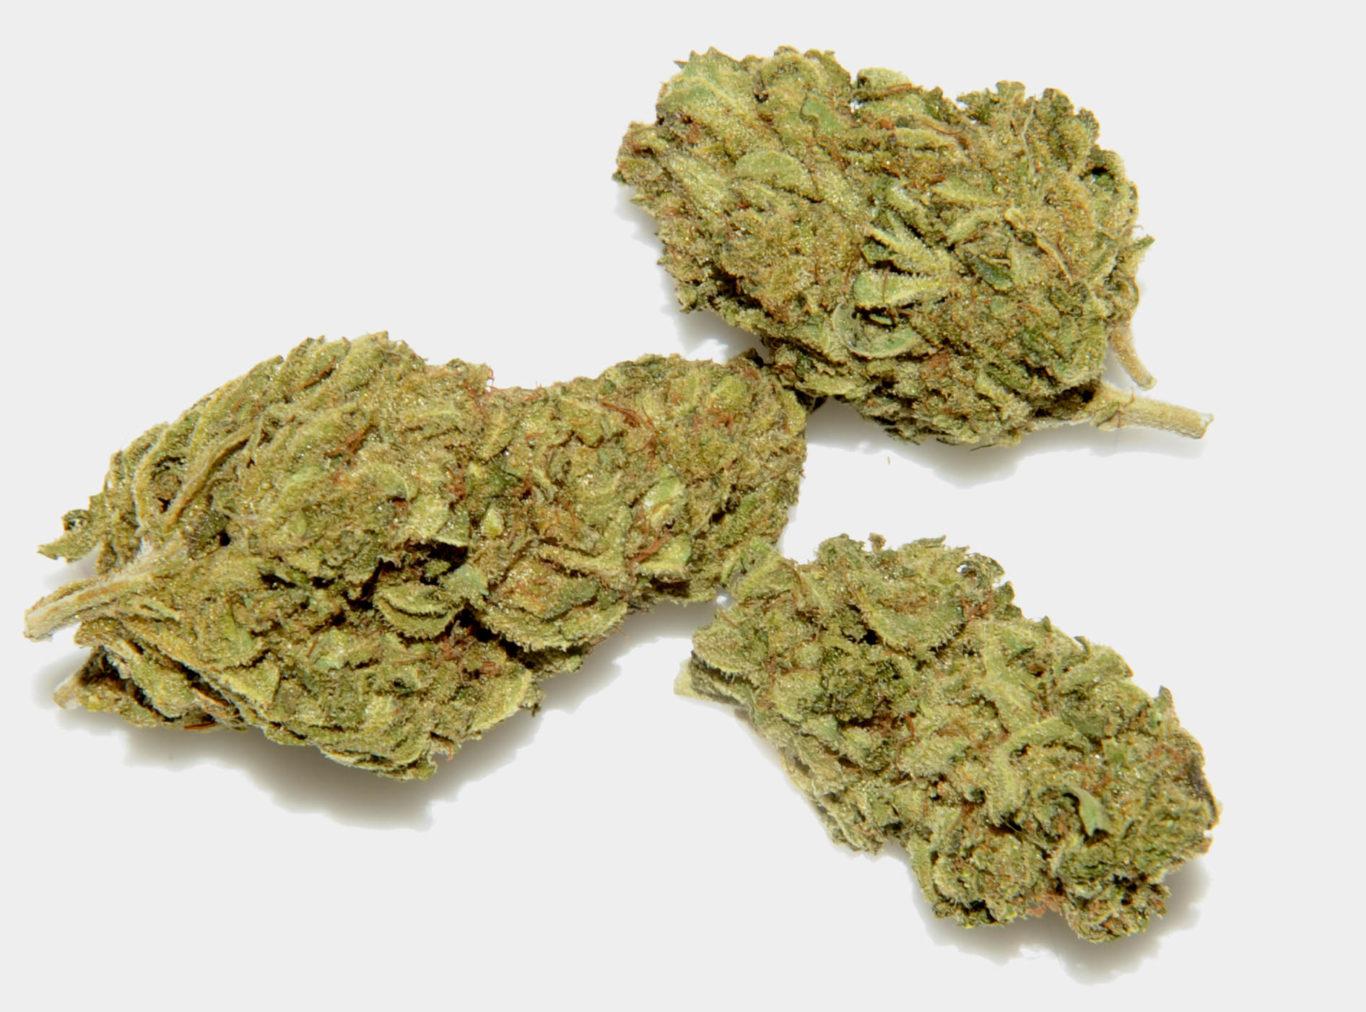 Vente en gros de cannabis CBD Suisse